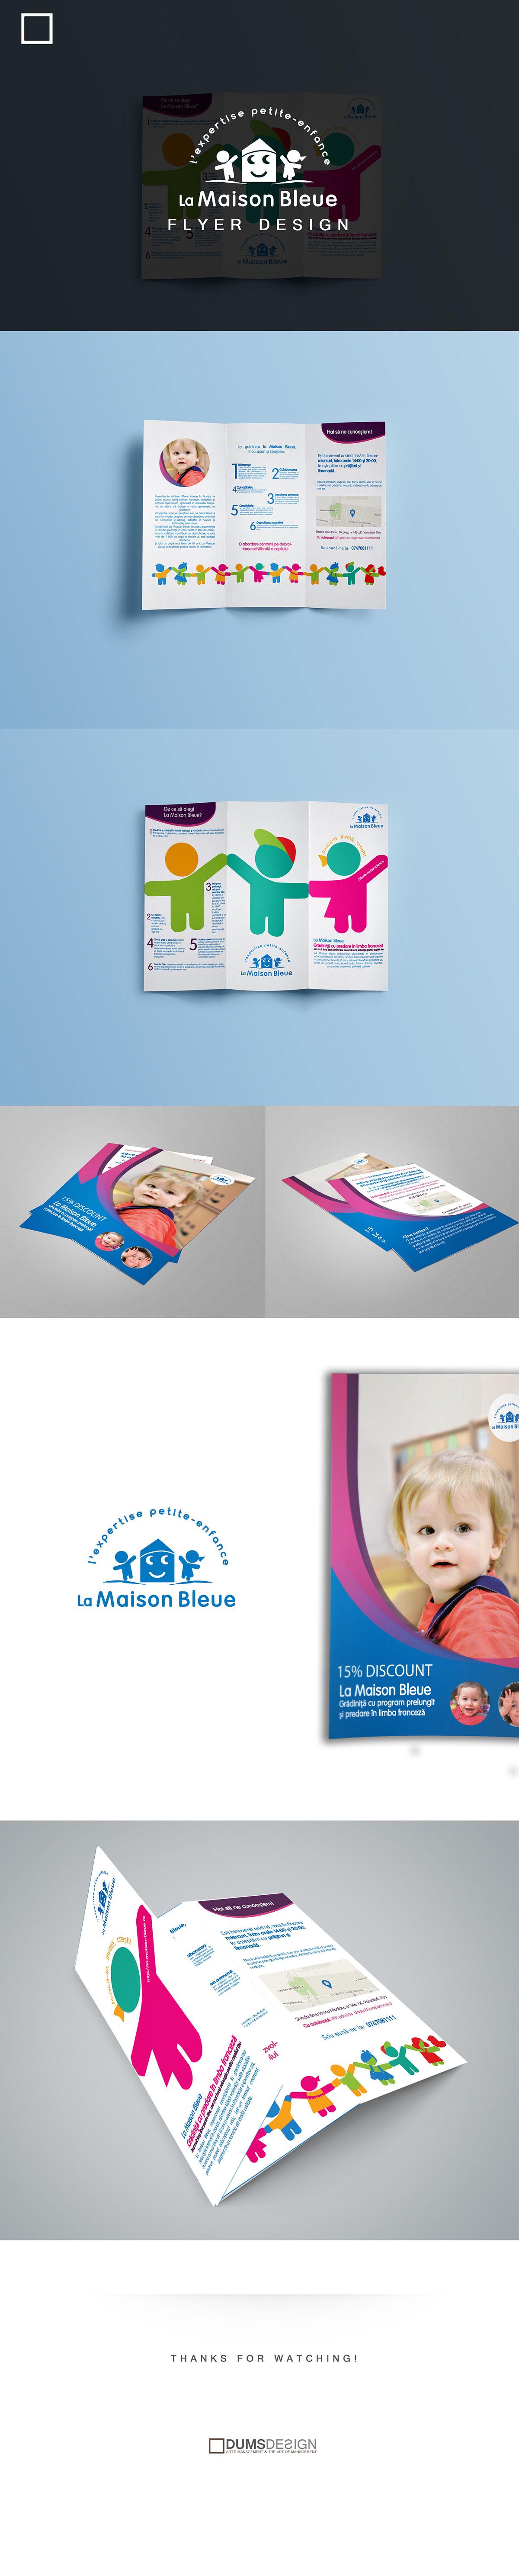 La Maison Bleue - Flyer Design on Behance